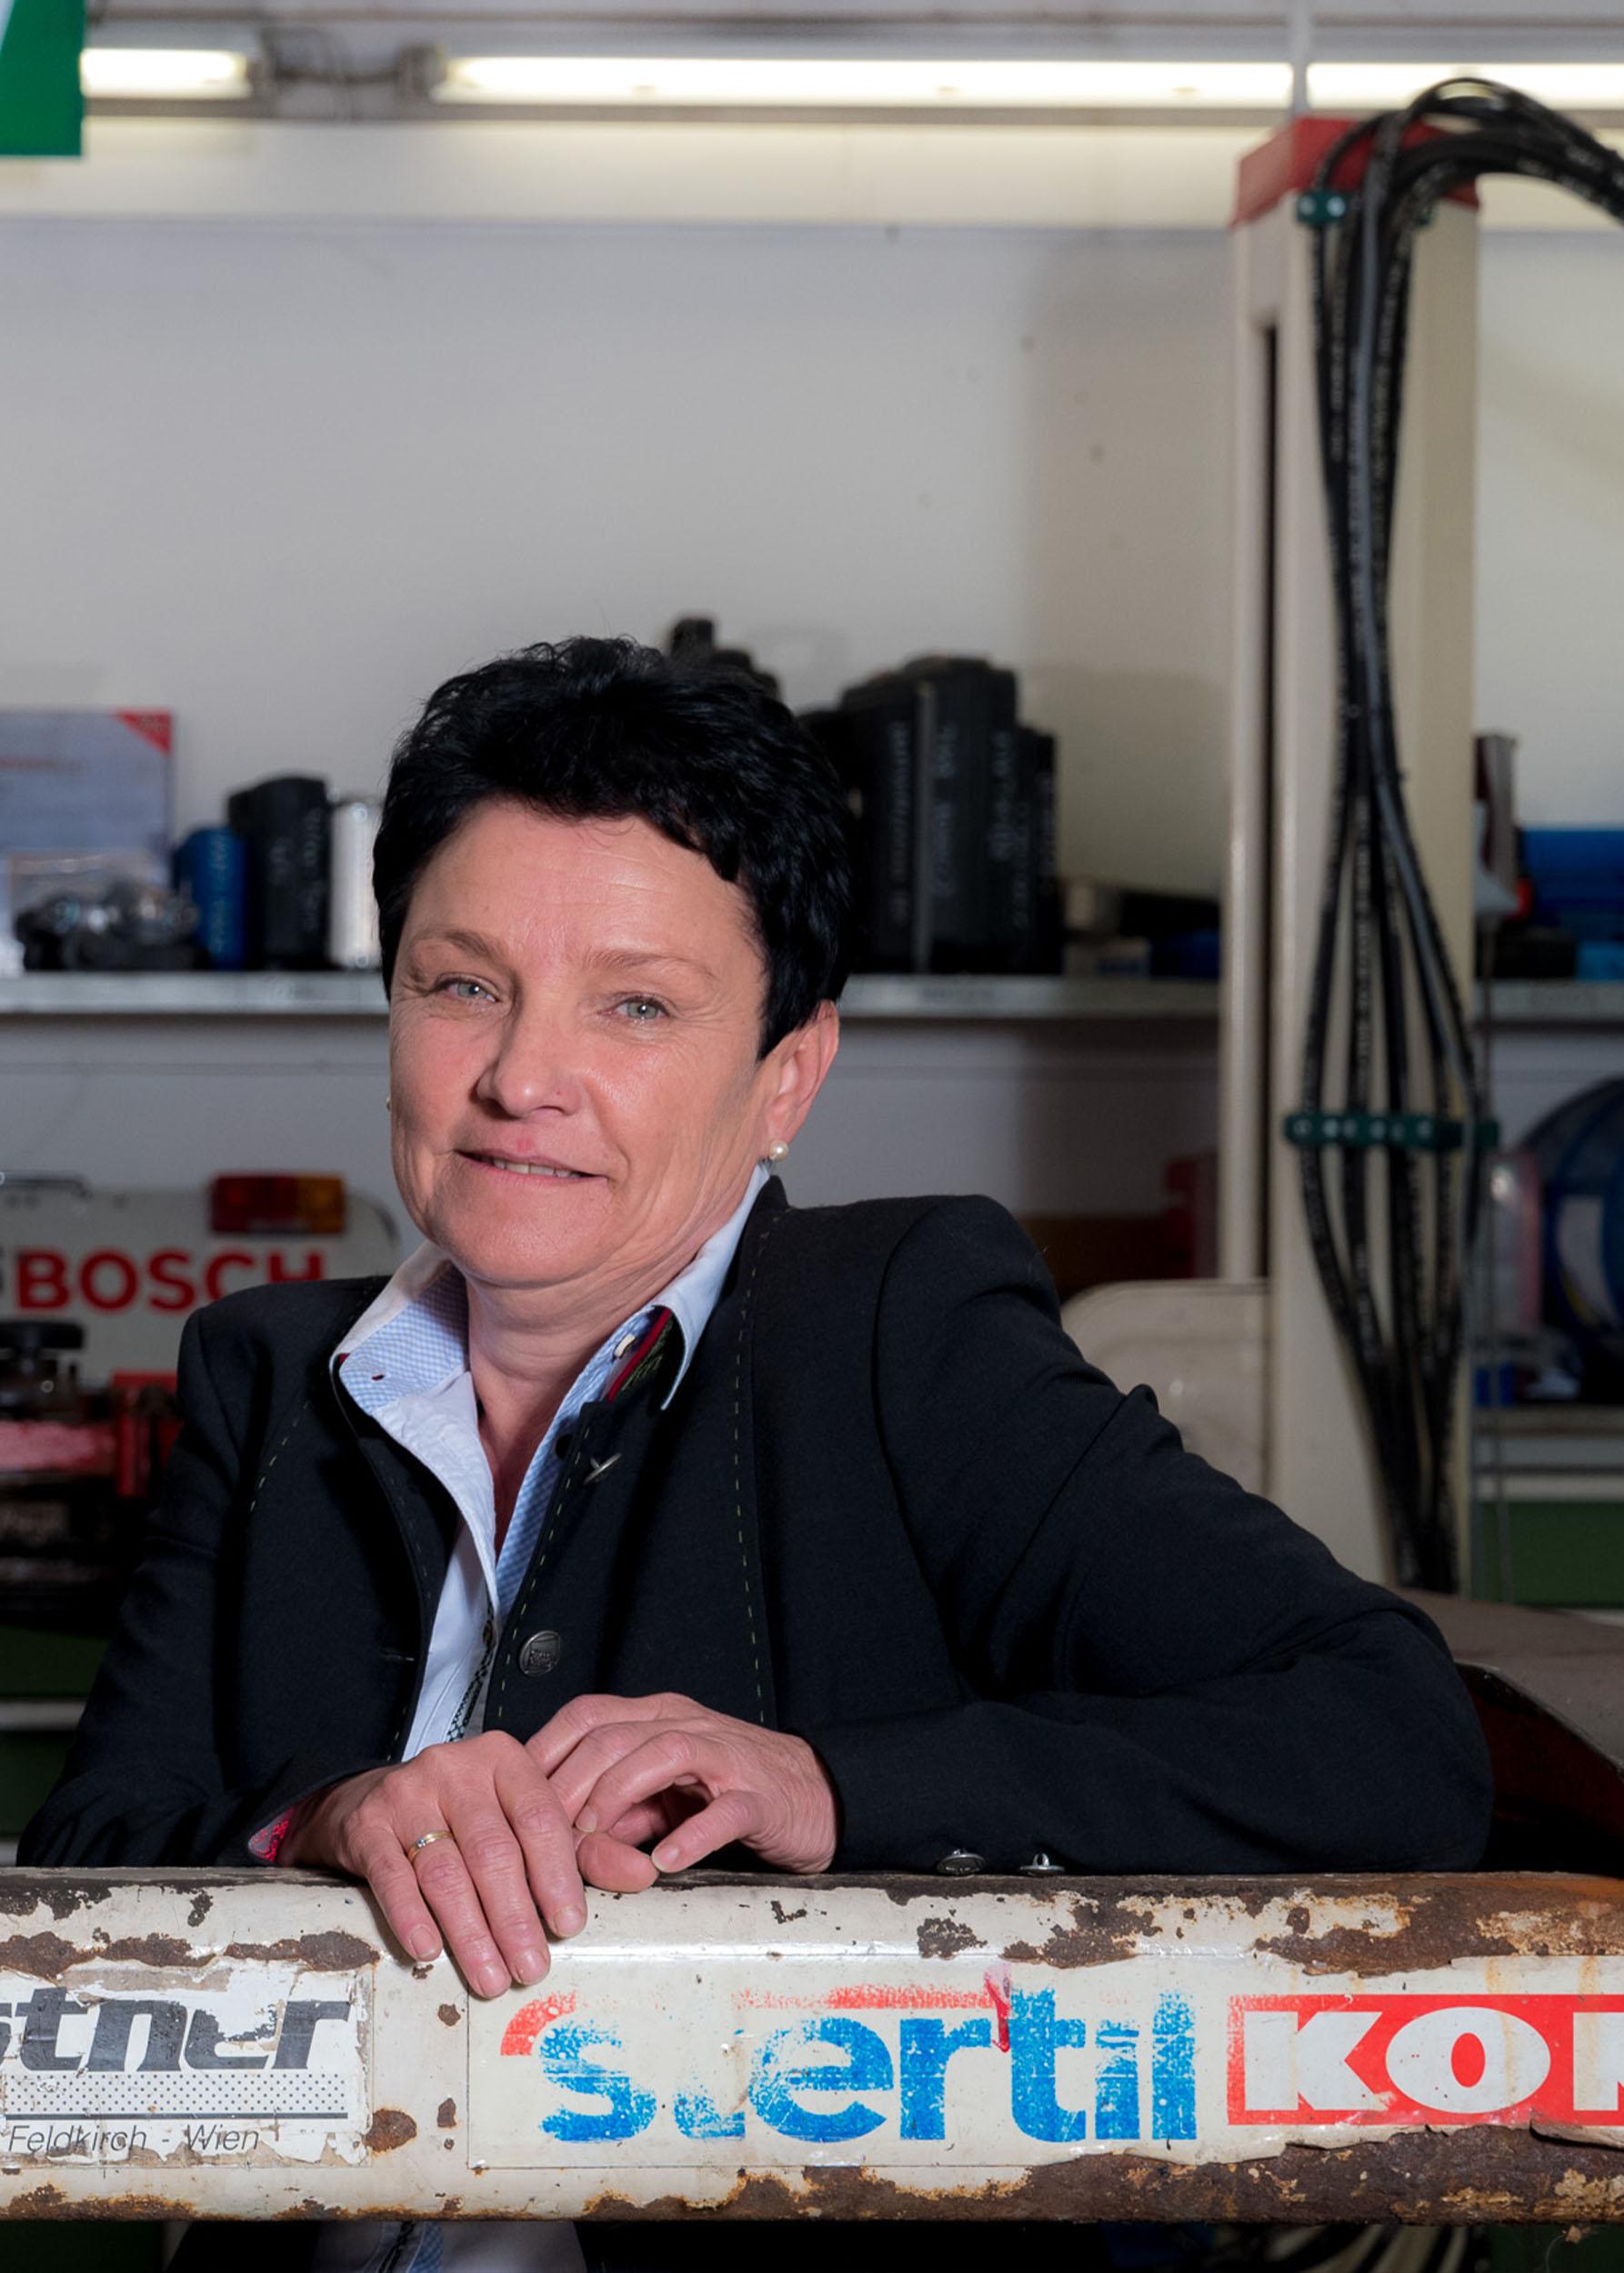 Karin Strubreiter